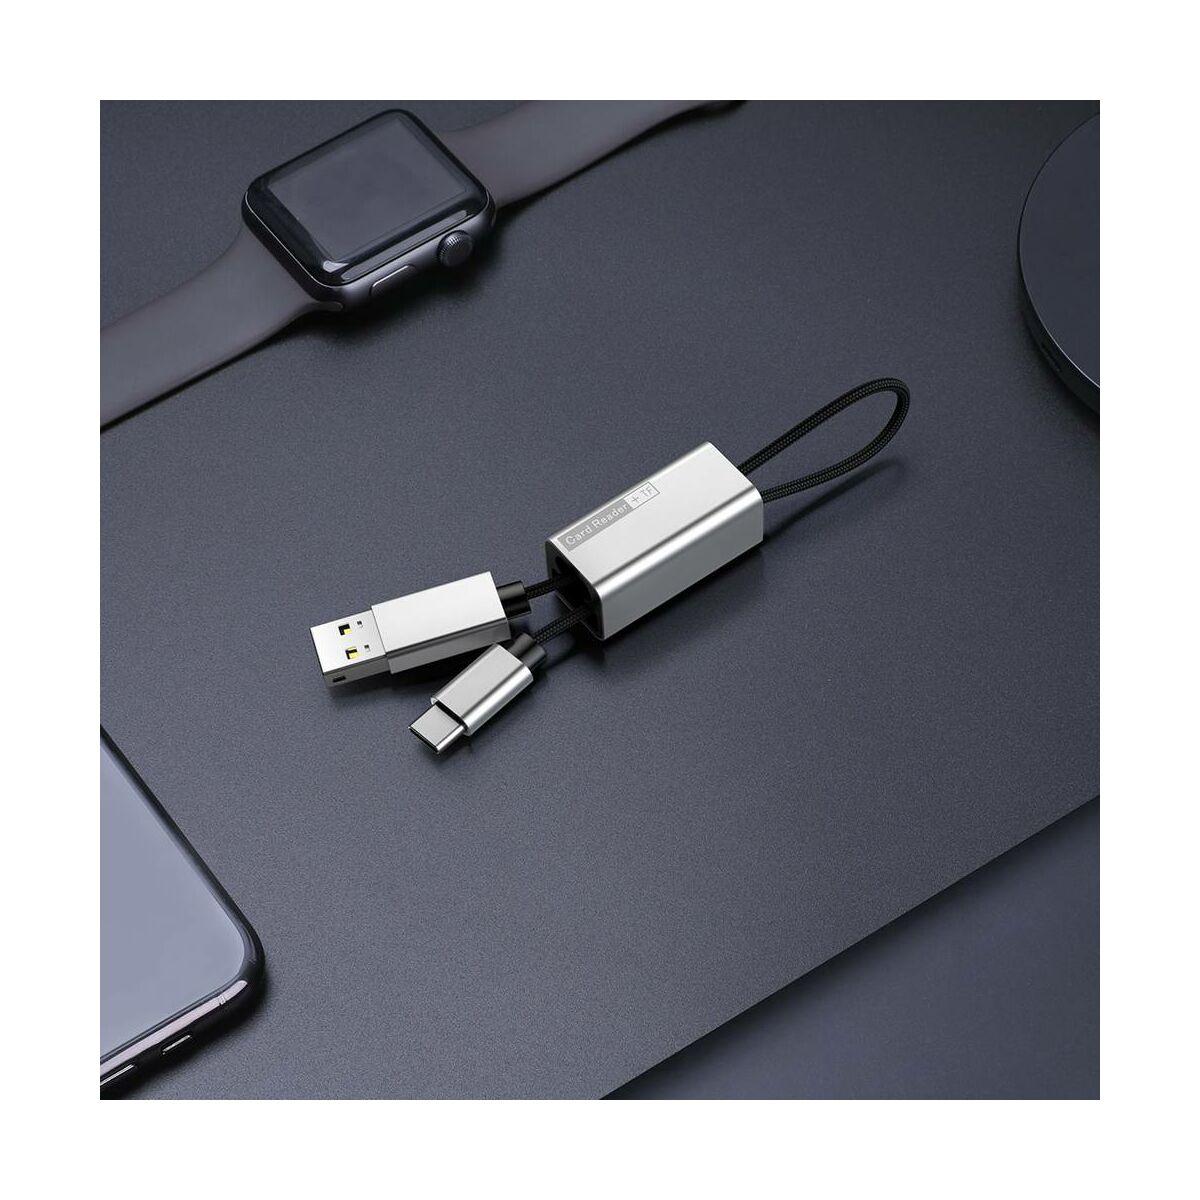 Baseus kártyaolvasó Pendant, ezüst (ACDKQ-HG0S)